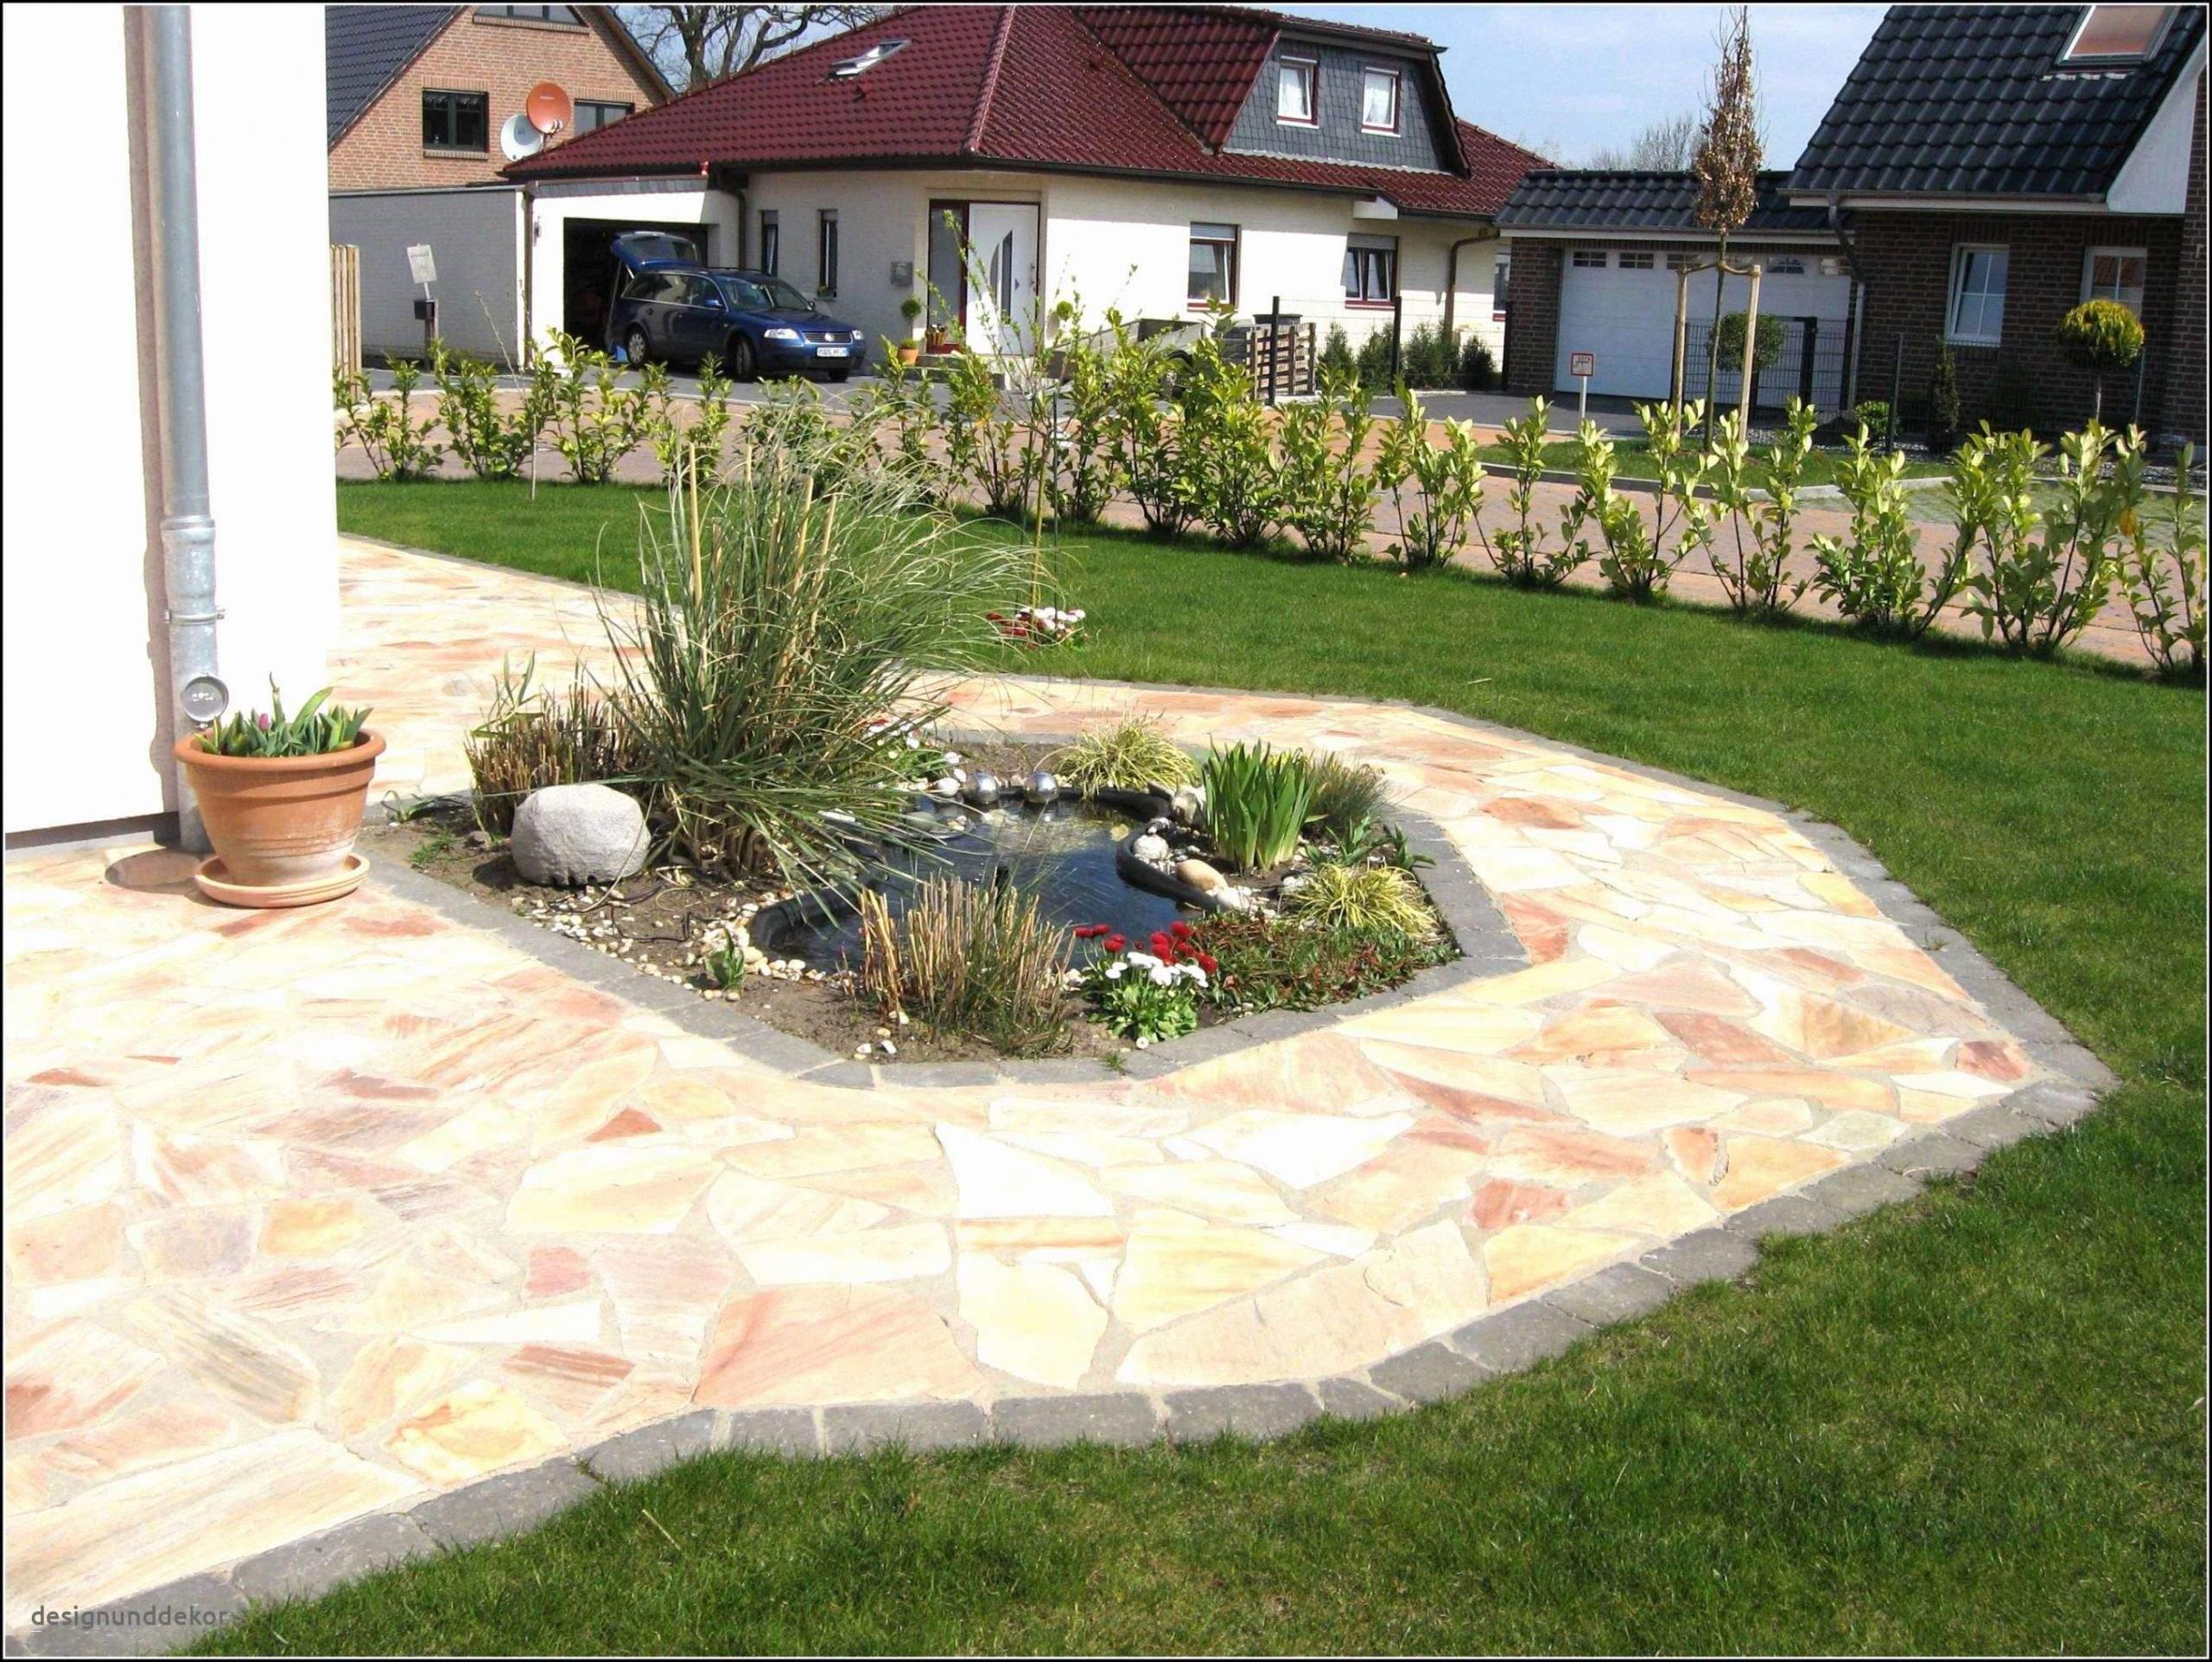 Garten Gestalten Beispiele Neu 27 Neu Garten Gestalten Beispiele Inspirierend